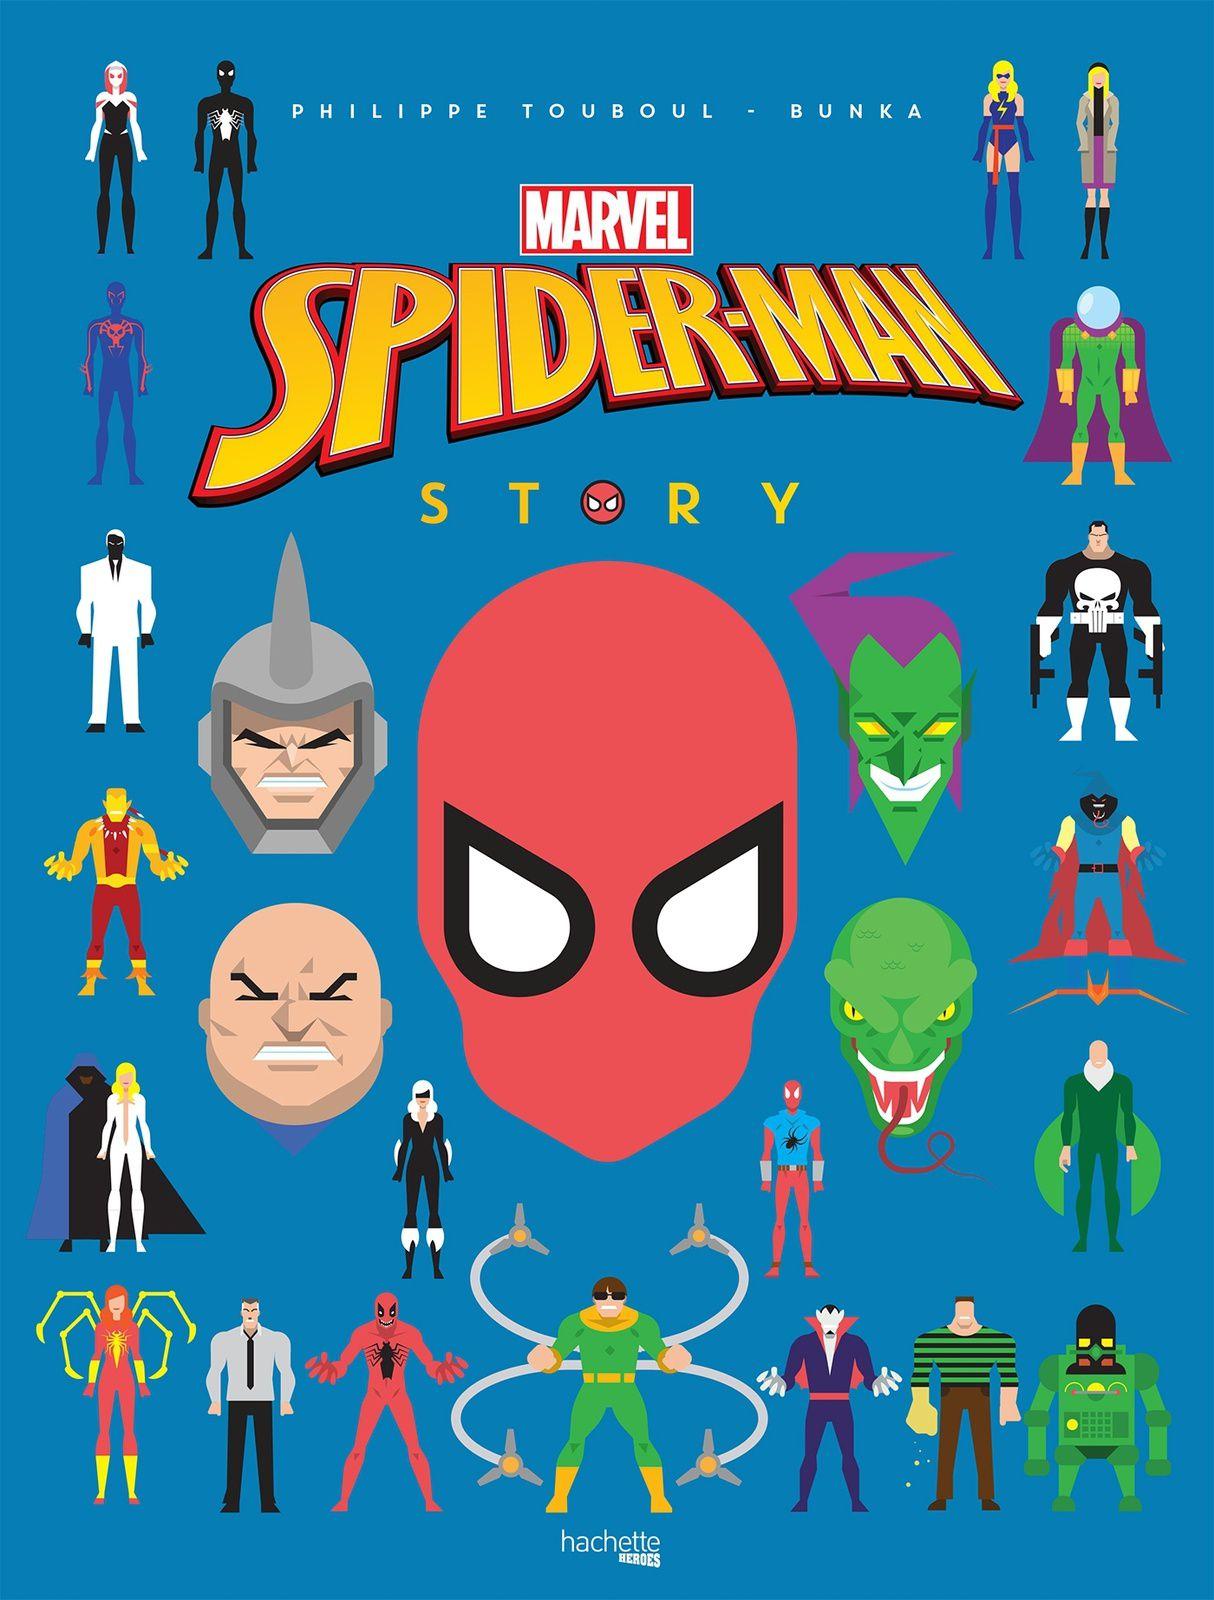 [REVUE LIVRE GEEK] PICSOU STORY / SPIDER-MAN STORY aux éditions HACHETTE HEROES